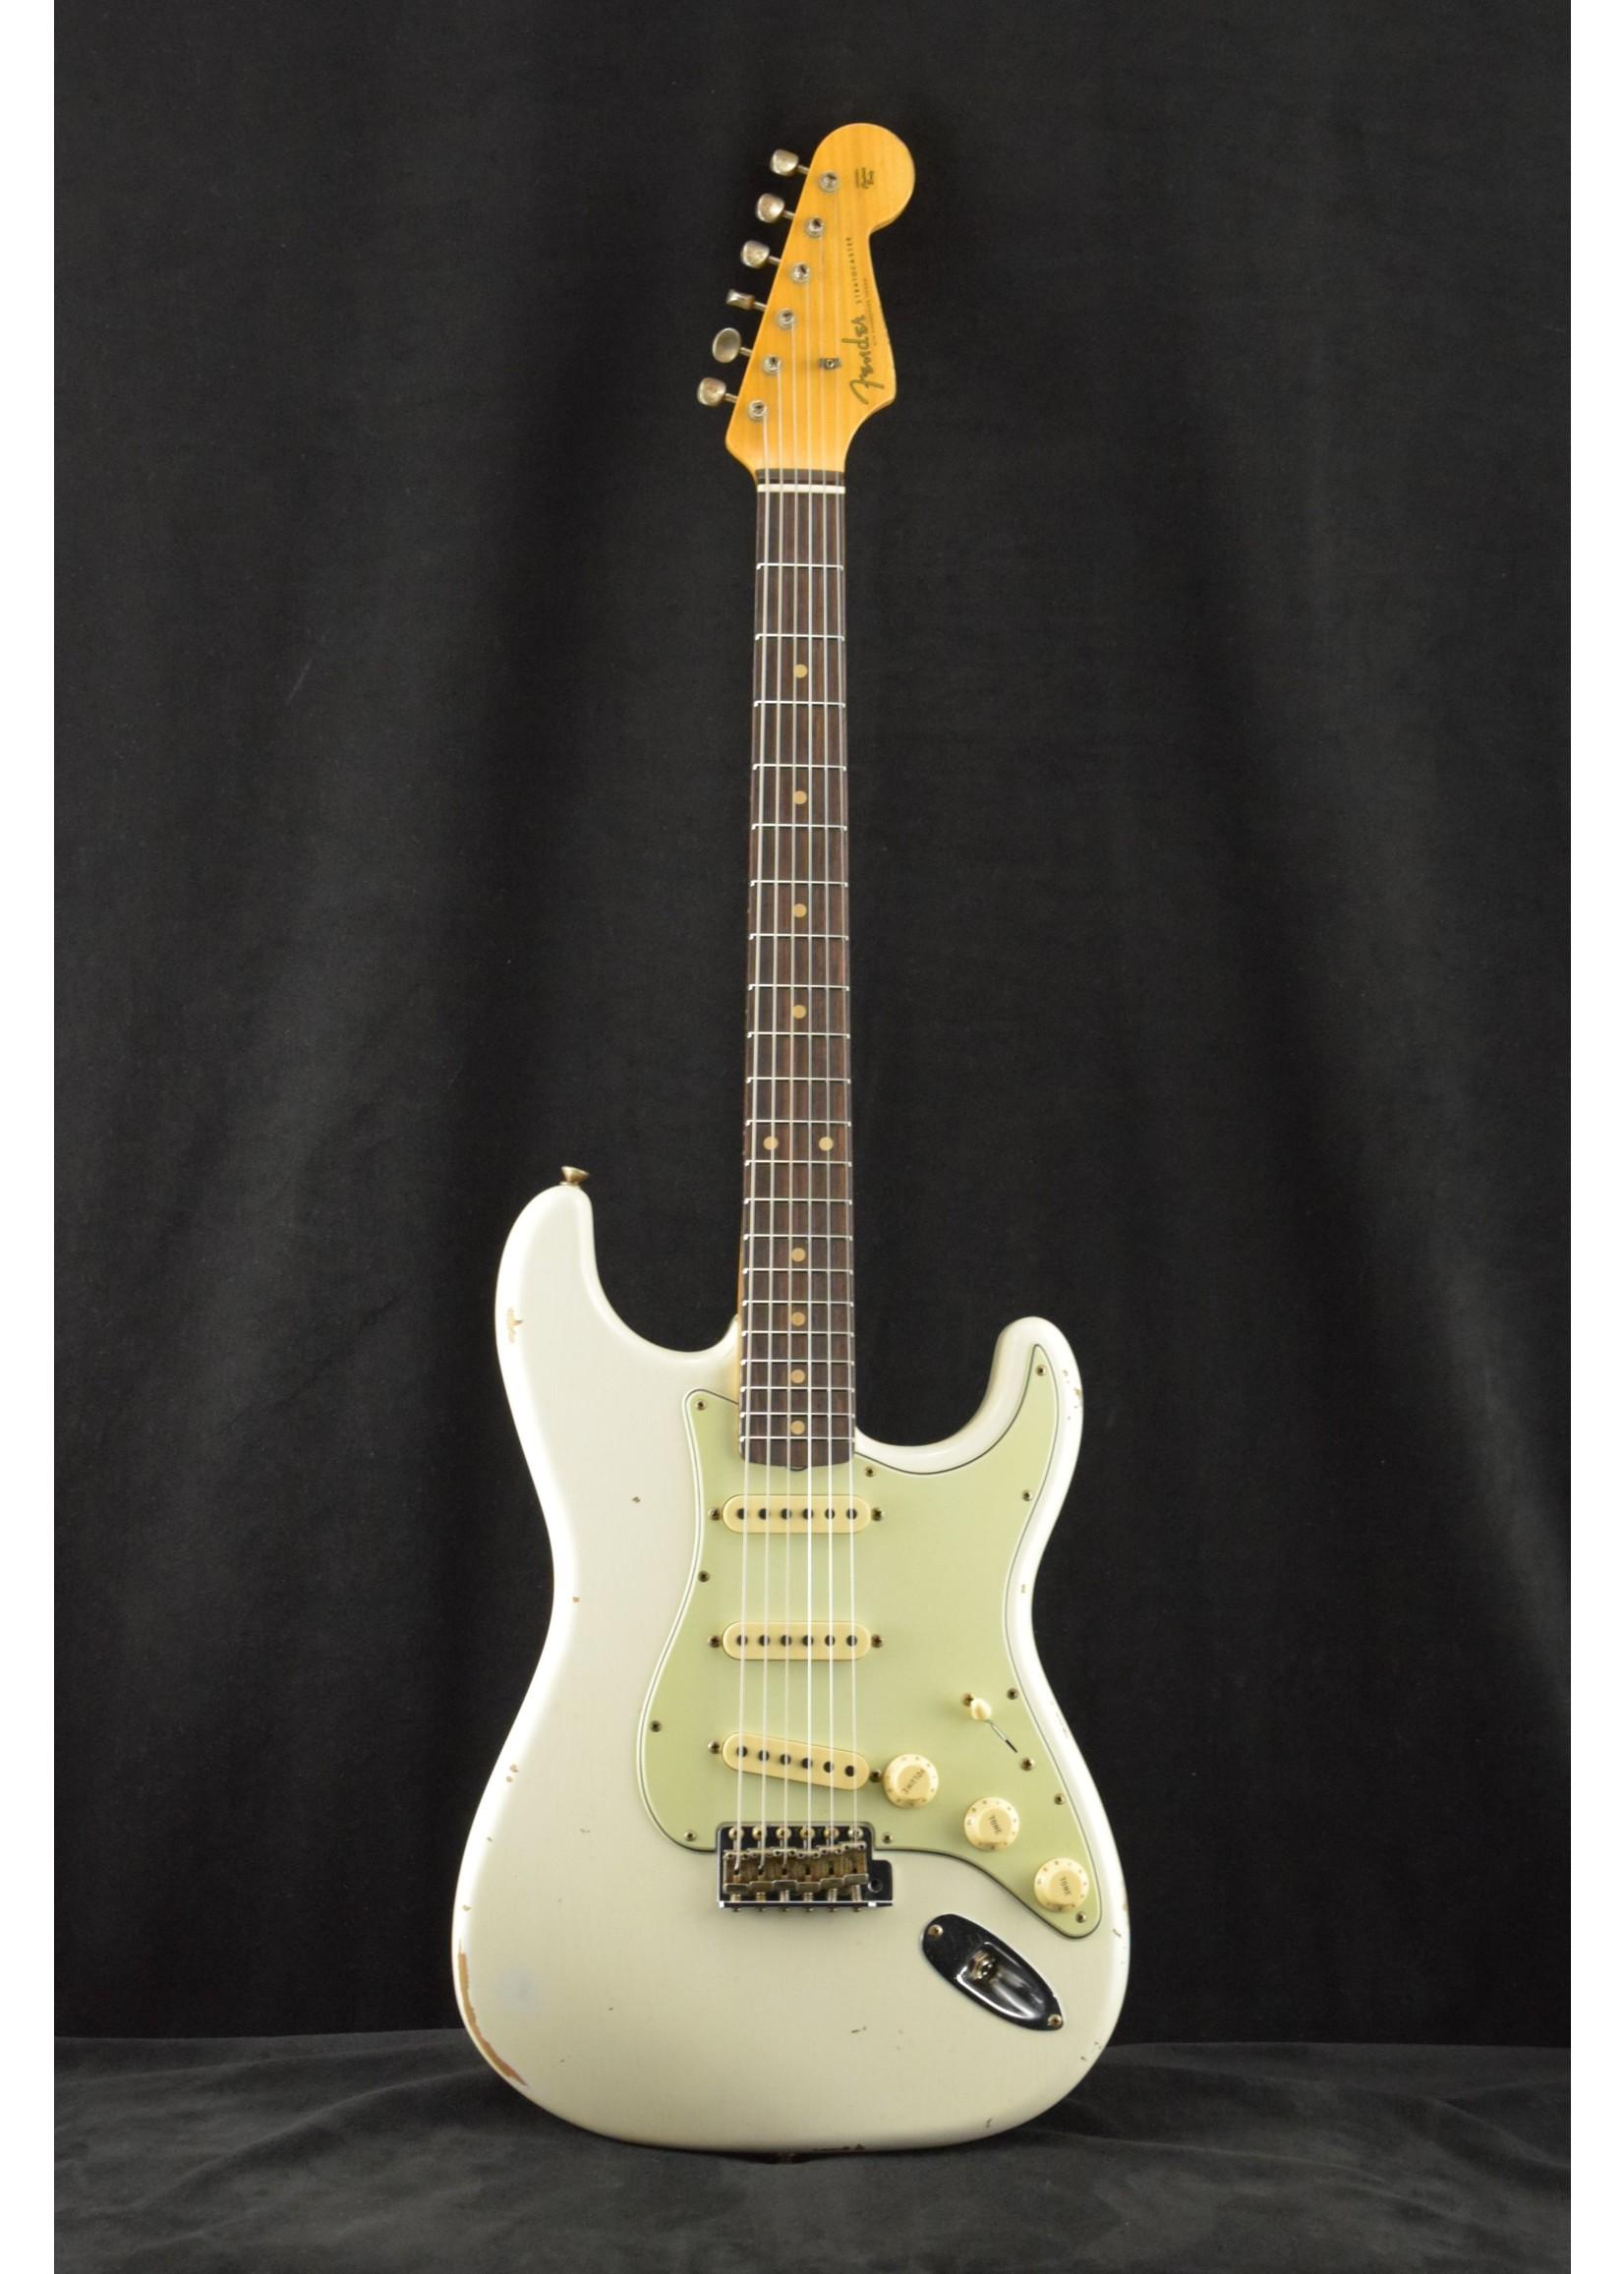 Fender Fender 1960 Stratocaster Relic Custom Built NAMM LTD Aged Olympic White